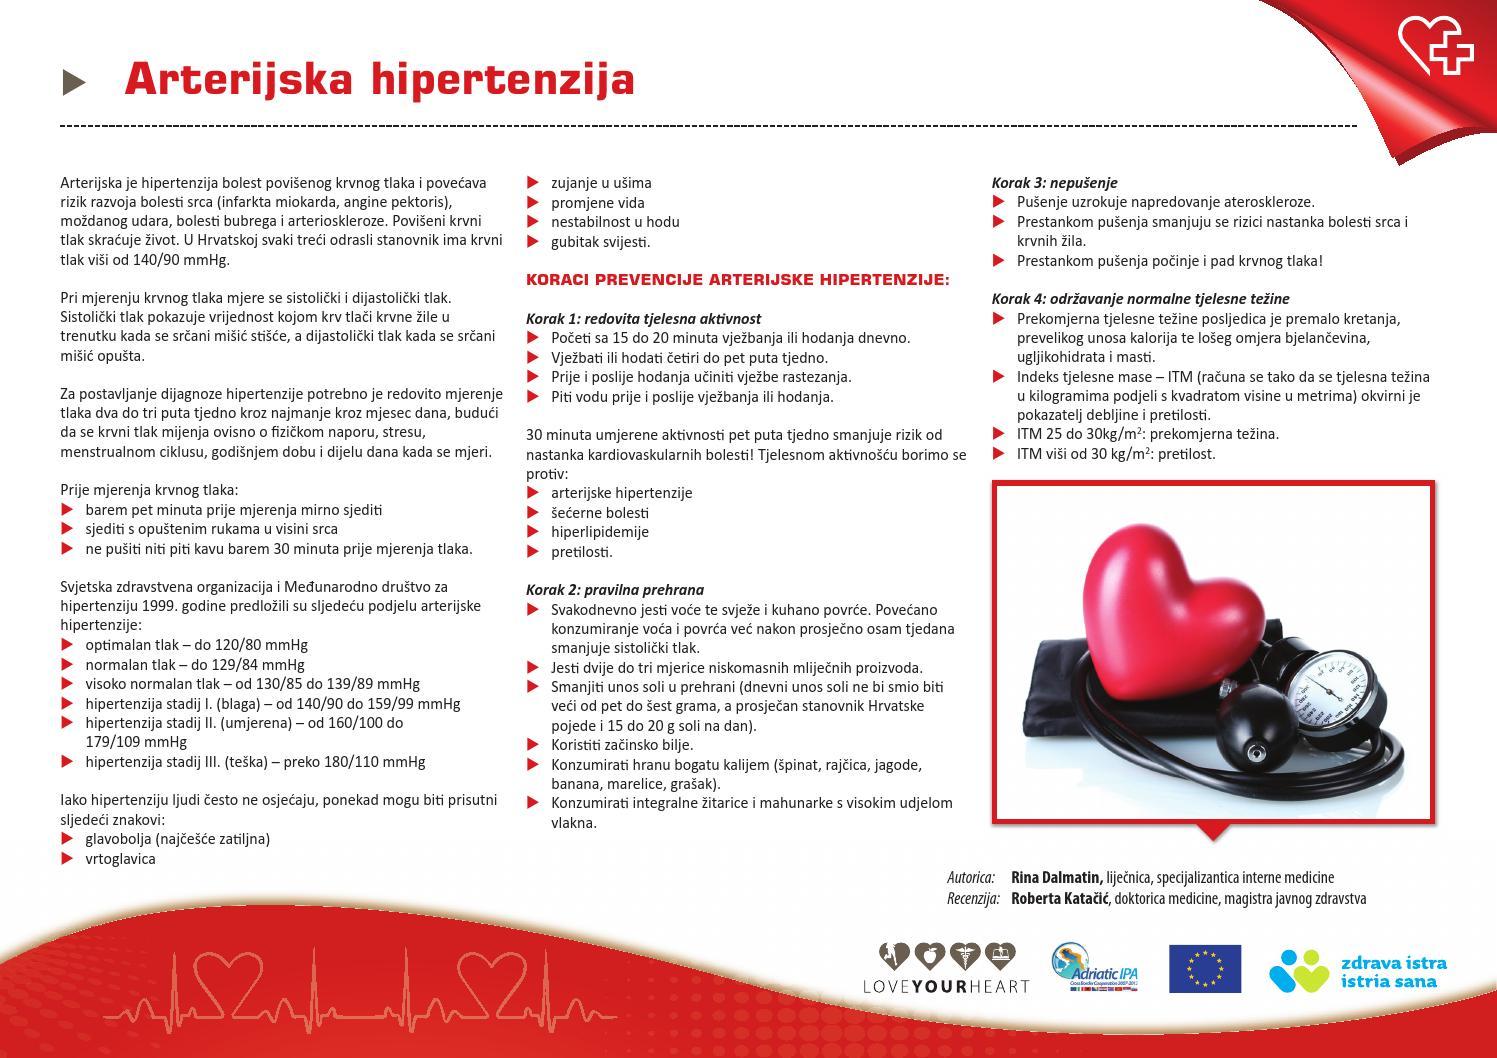 angine, hipertenzije rizik s hipertenzijom 1 stupanj rizika 2